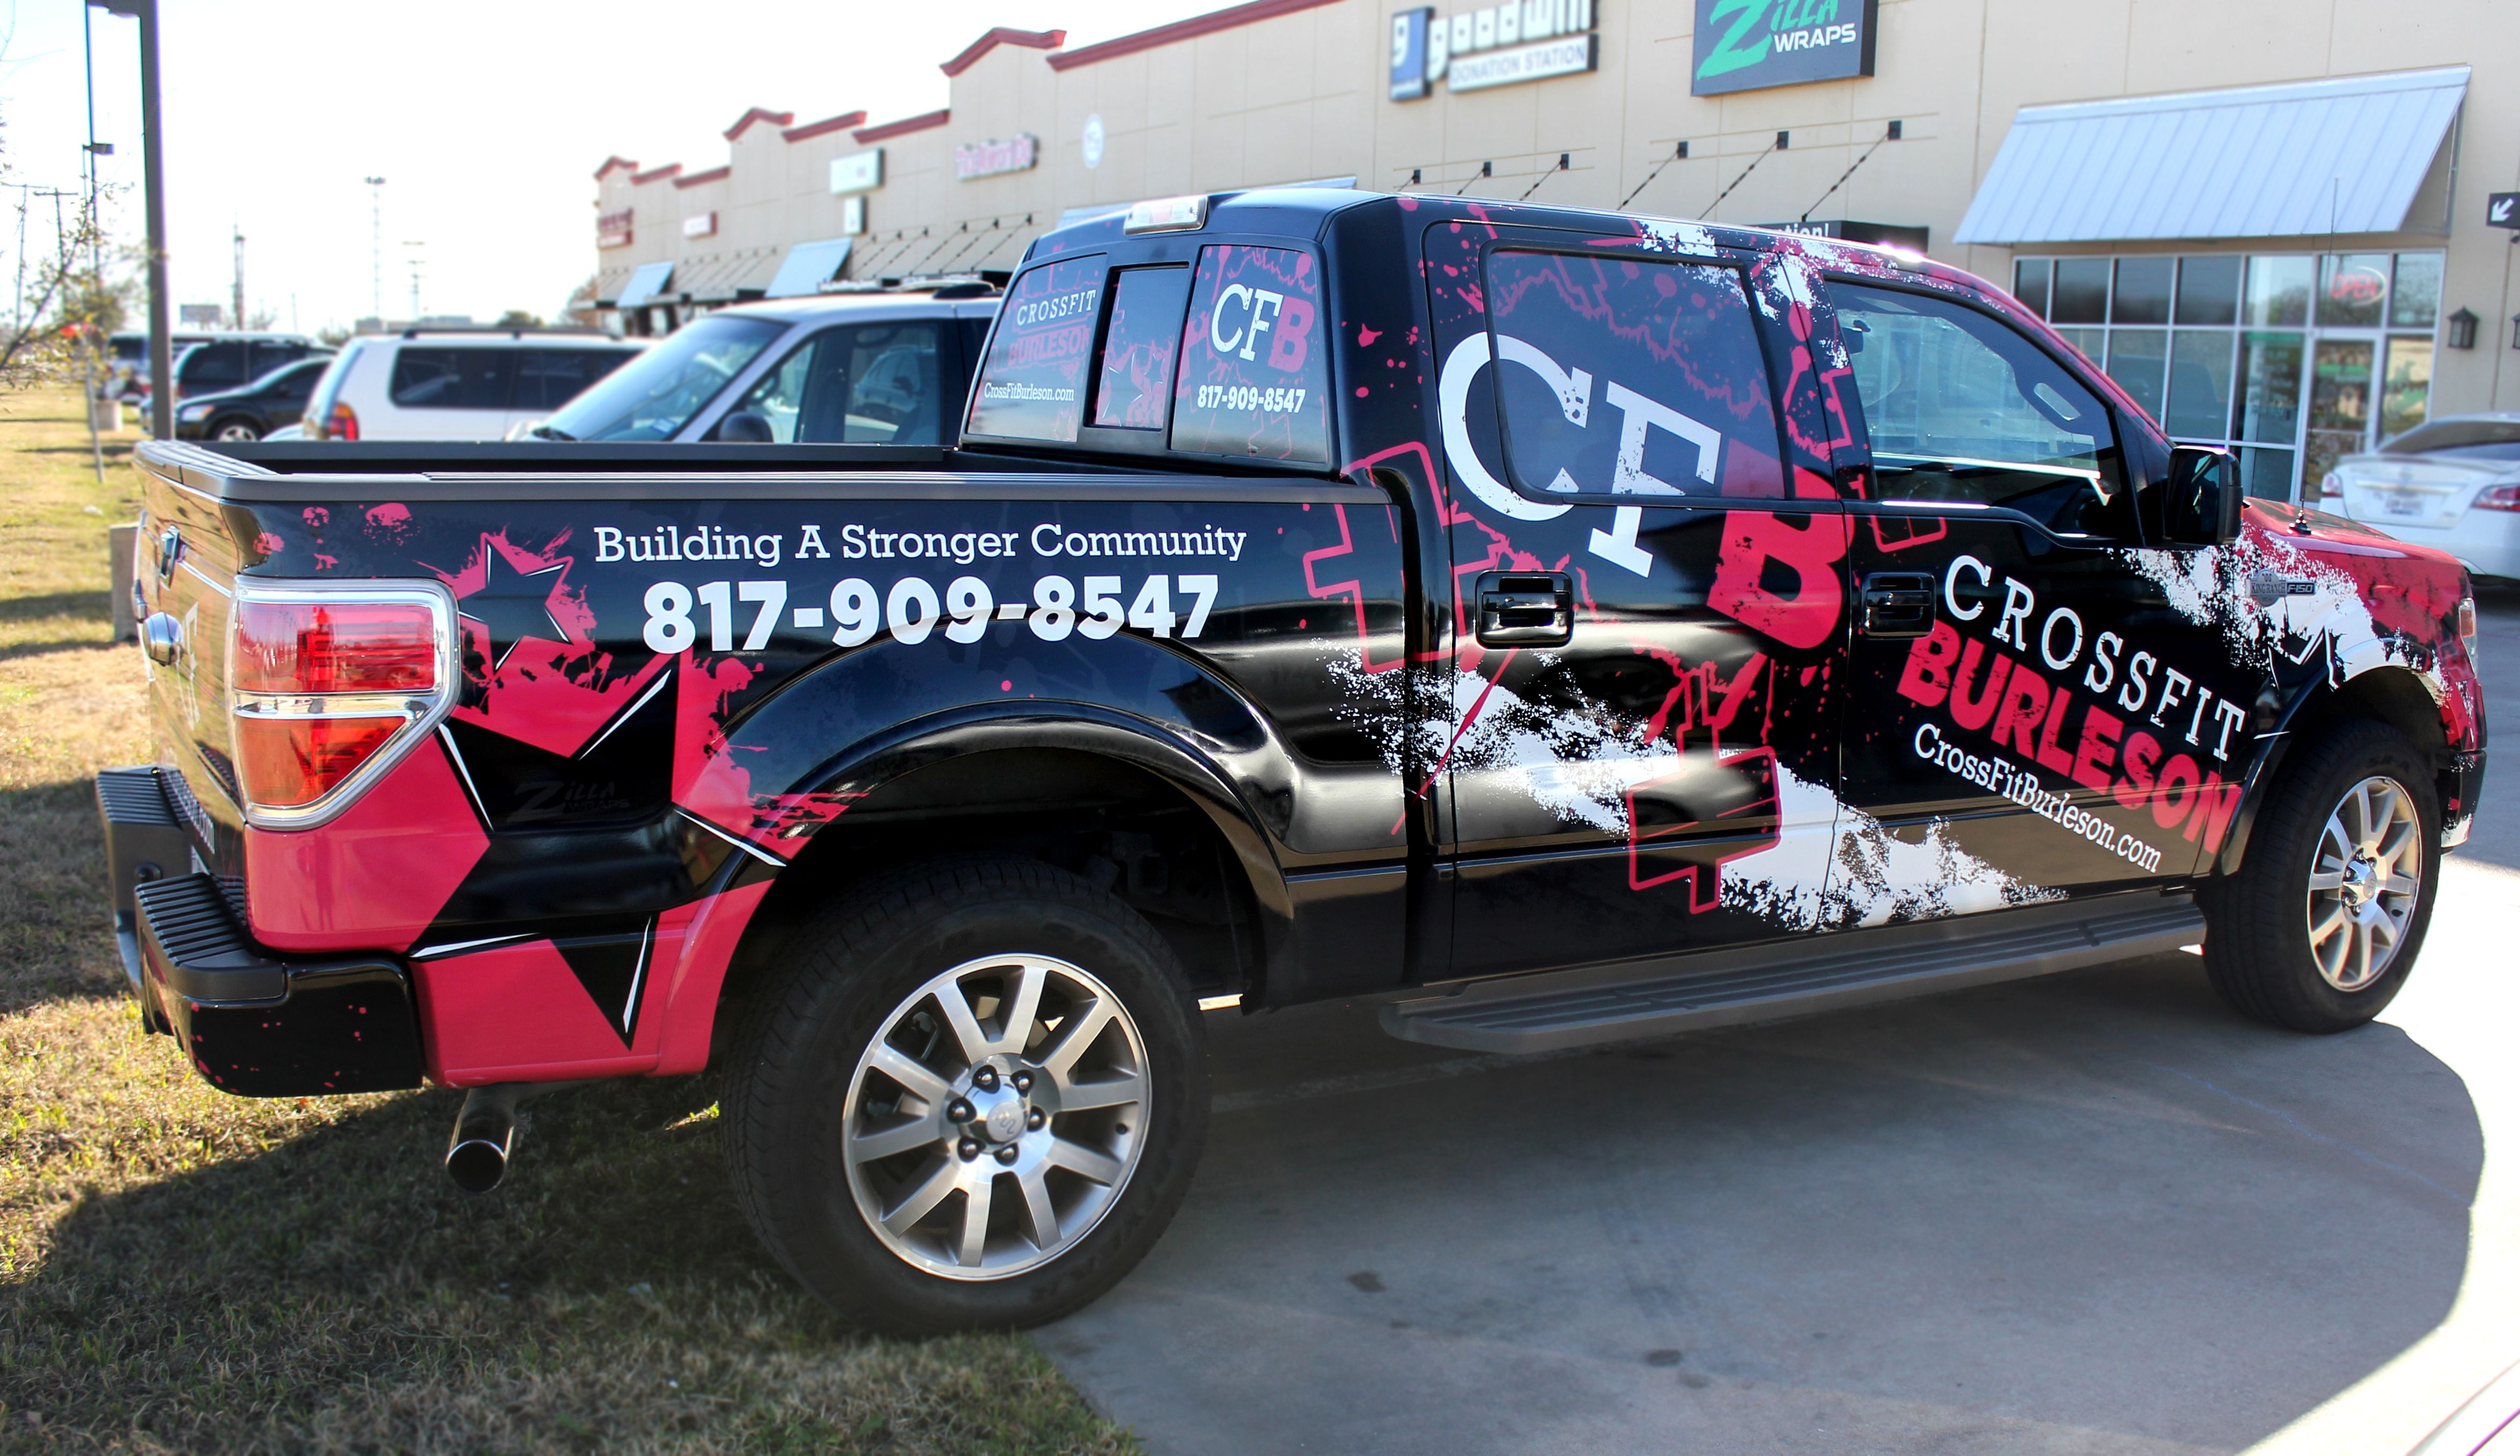 Crossfit Truck Wrap Commercial Vehicle Trucks Wraps [ 2715 x 4698 Pixel ]